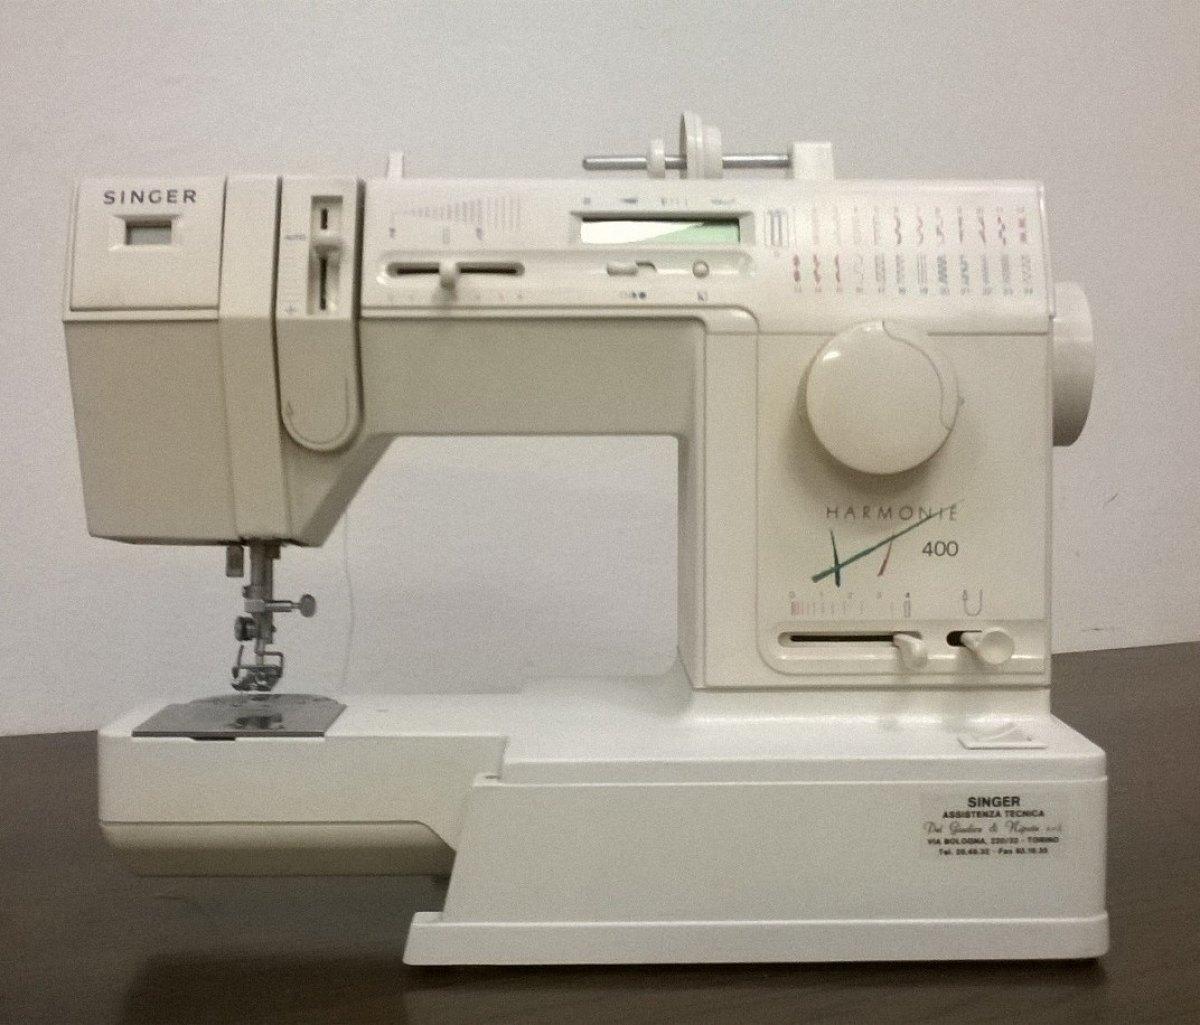 Singer macchina per cucire singer 9143 harmonie 400 for Macchina da cucire e ricamo